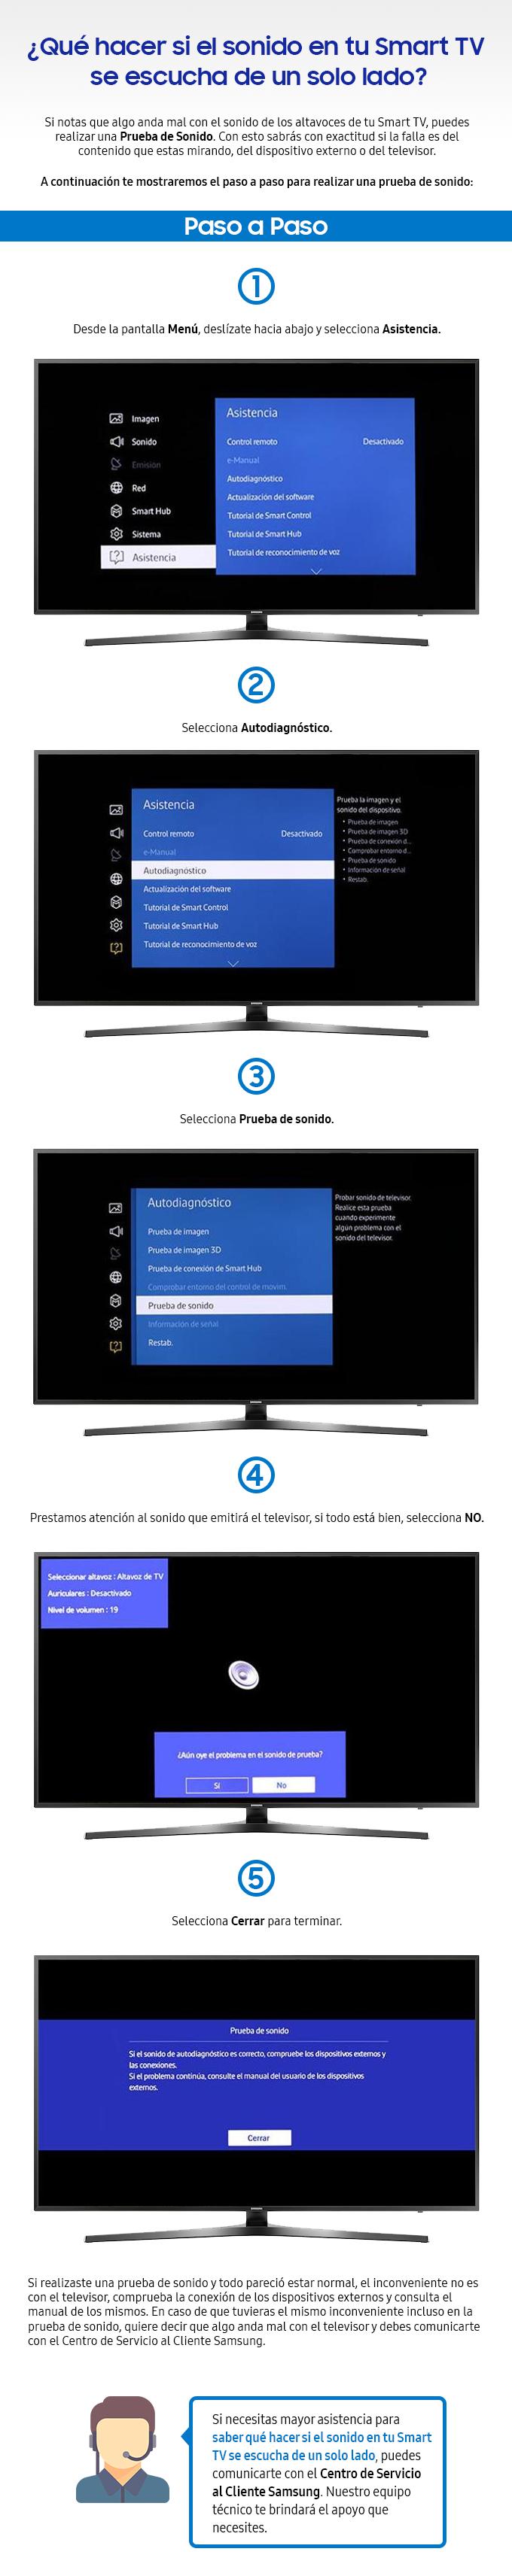 Qué hacer si el sonido en tu Smart TV se escucha de un solo lado